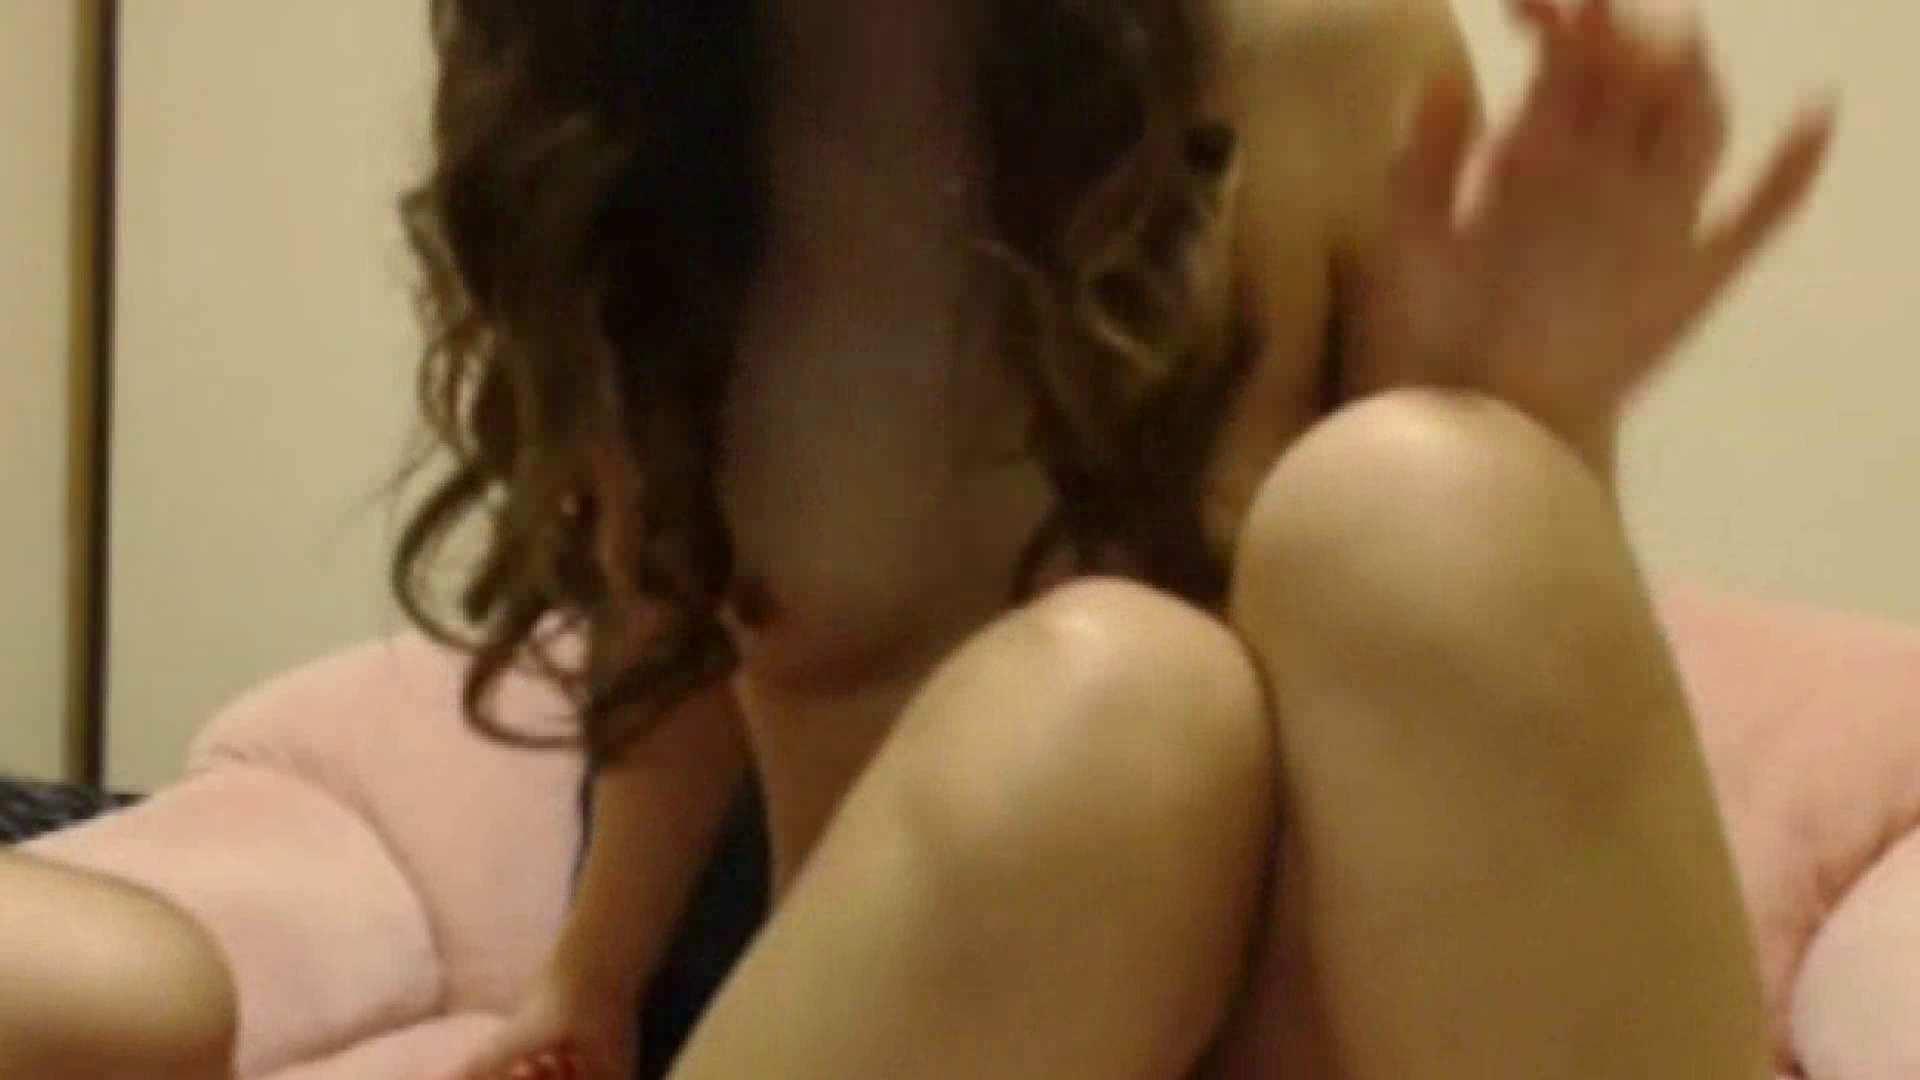 素人ギャル女良のハメ撮り!生チャット!Vol.14前編 エッチな美女 性交動画流出 103pic 41